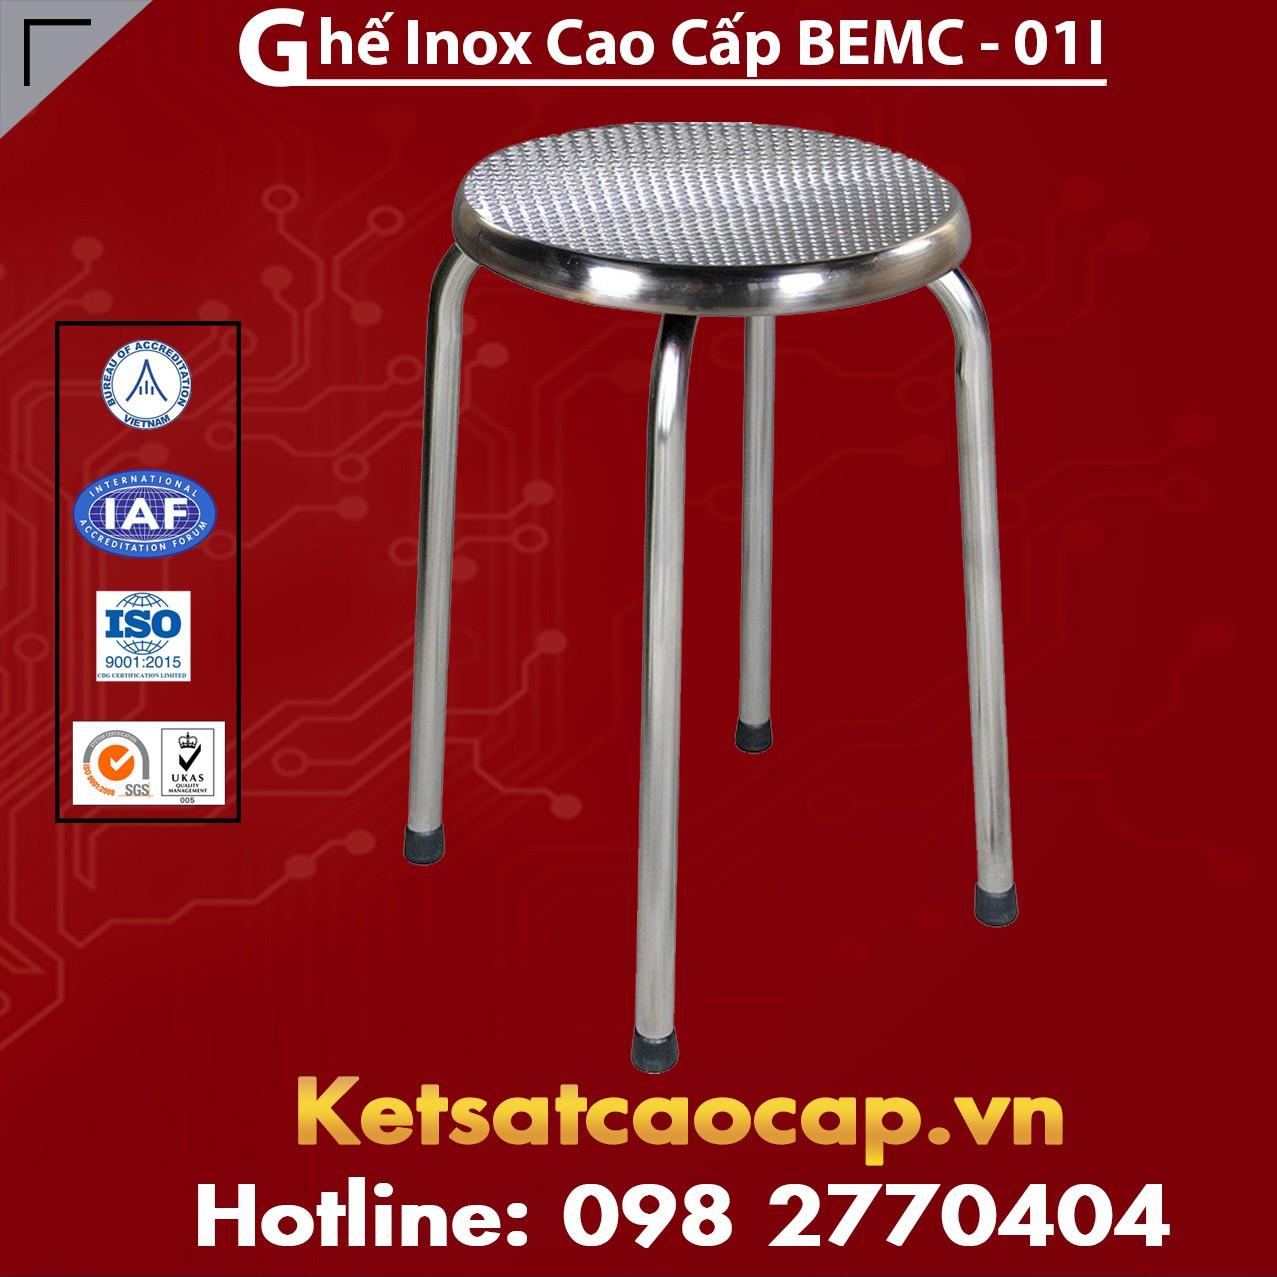 Ghế Inox Cao Cấp BEMC - 01l